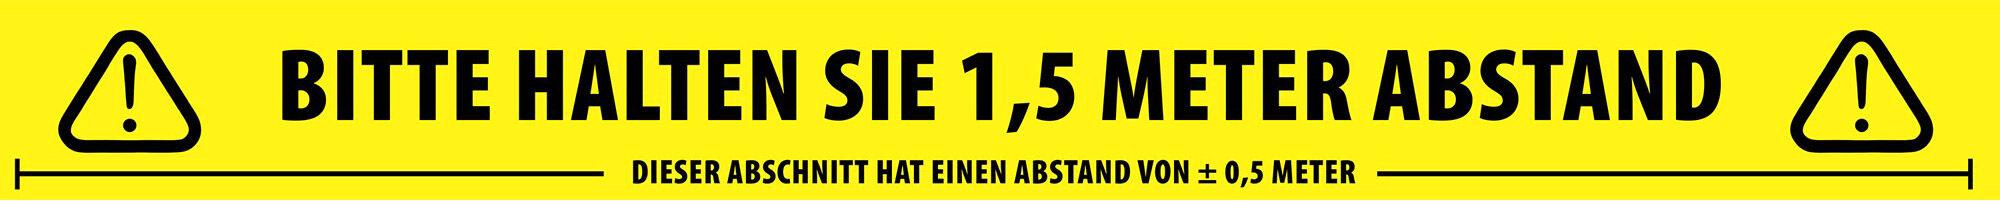 Adam Hall Accessories Ruban de séparation sociale allemand 50 mm x 66 m - Rubans adhésifs et plus encore